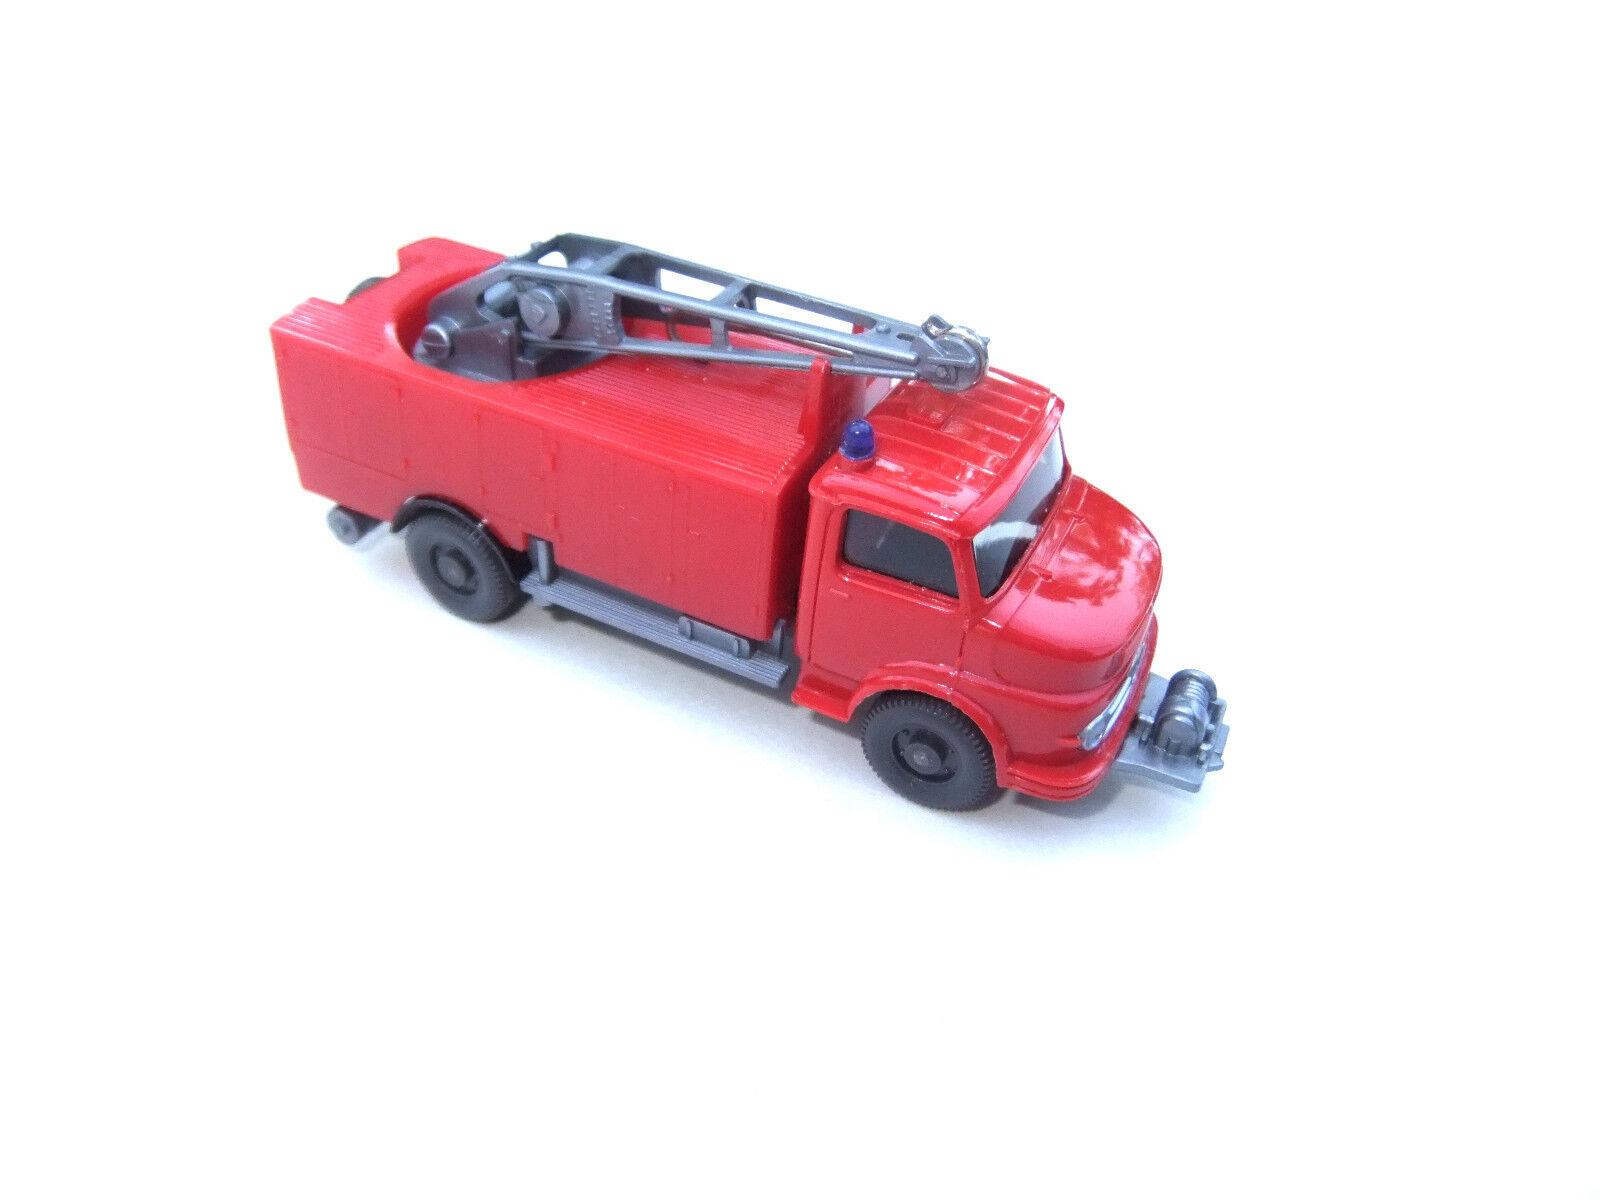 Feuerwehr-Kran  Wiking  HO 1 87  2076  | Neuheit Spielzeug